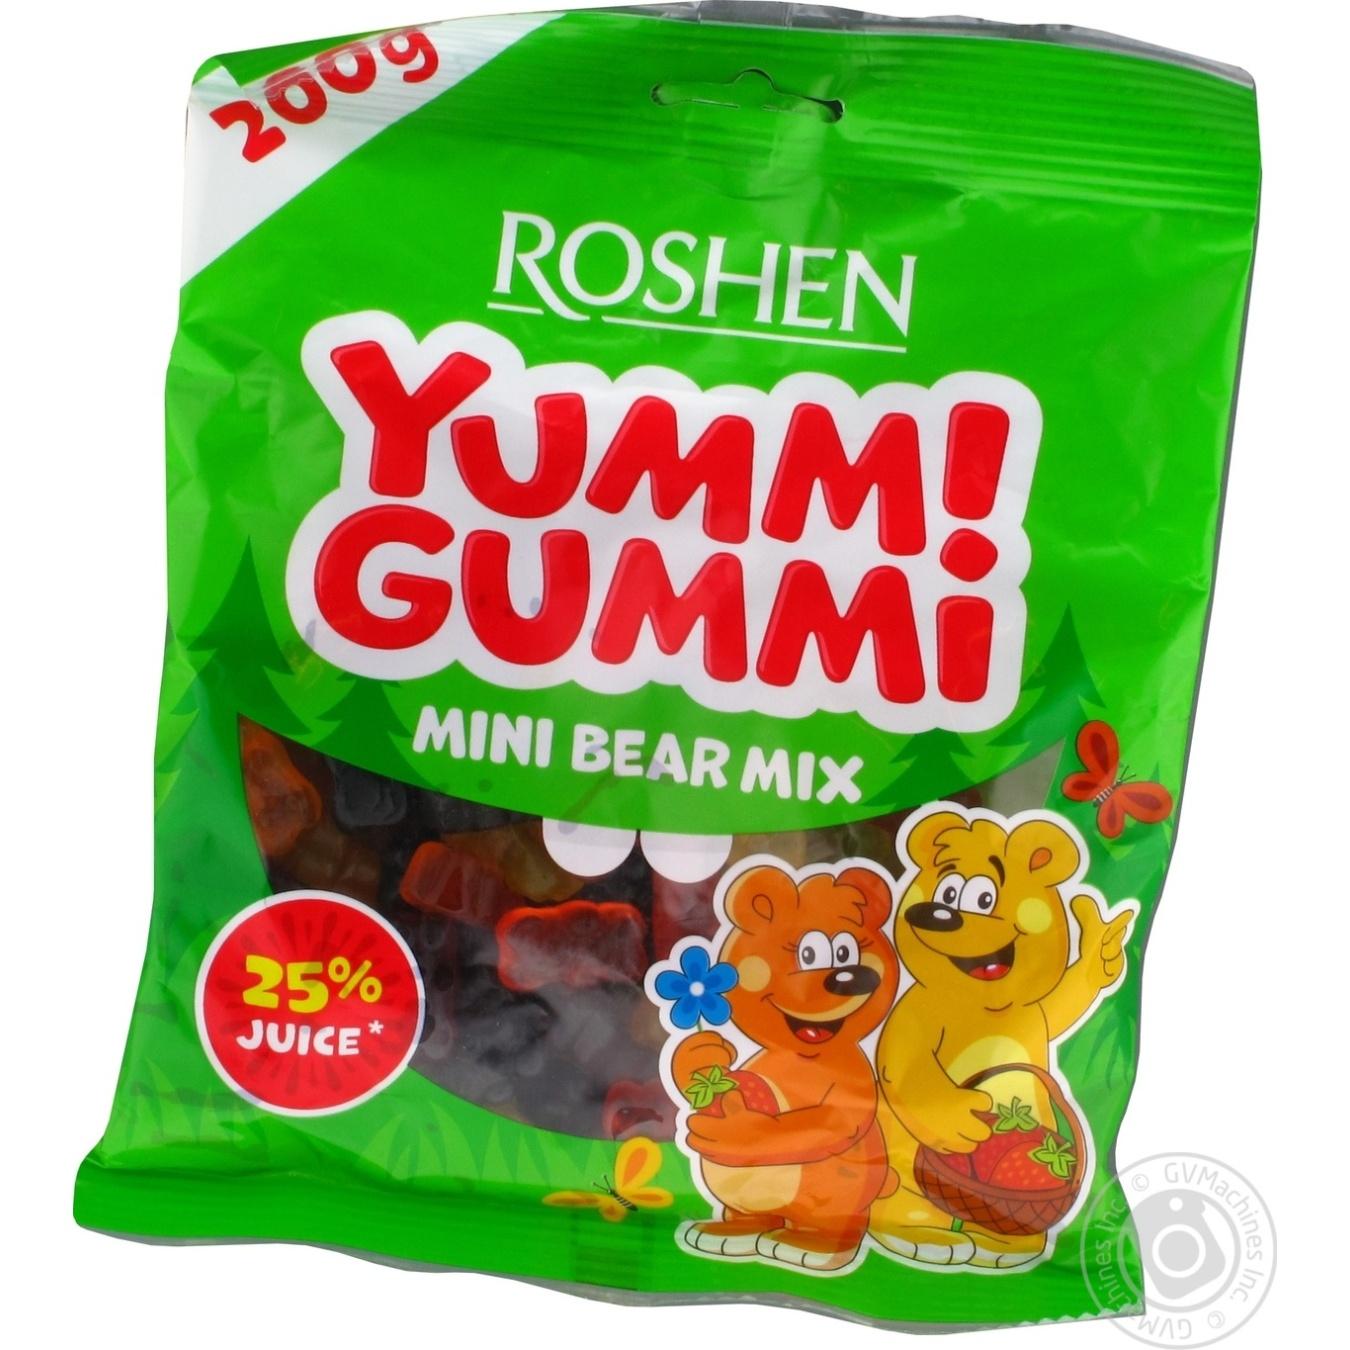 Купить Цукерки та батончики, Цукерки Roshen Yummi Gummi Mini Bear Mix 200г